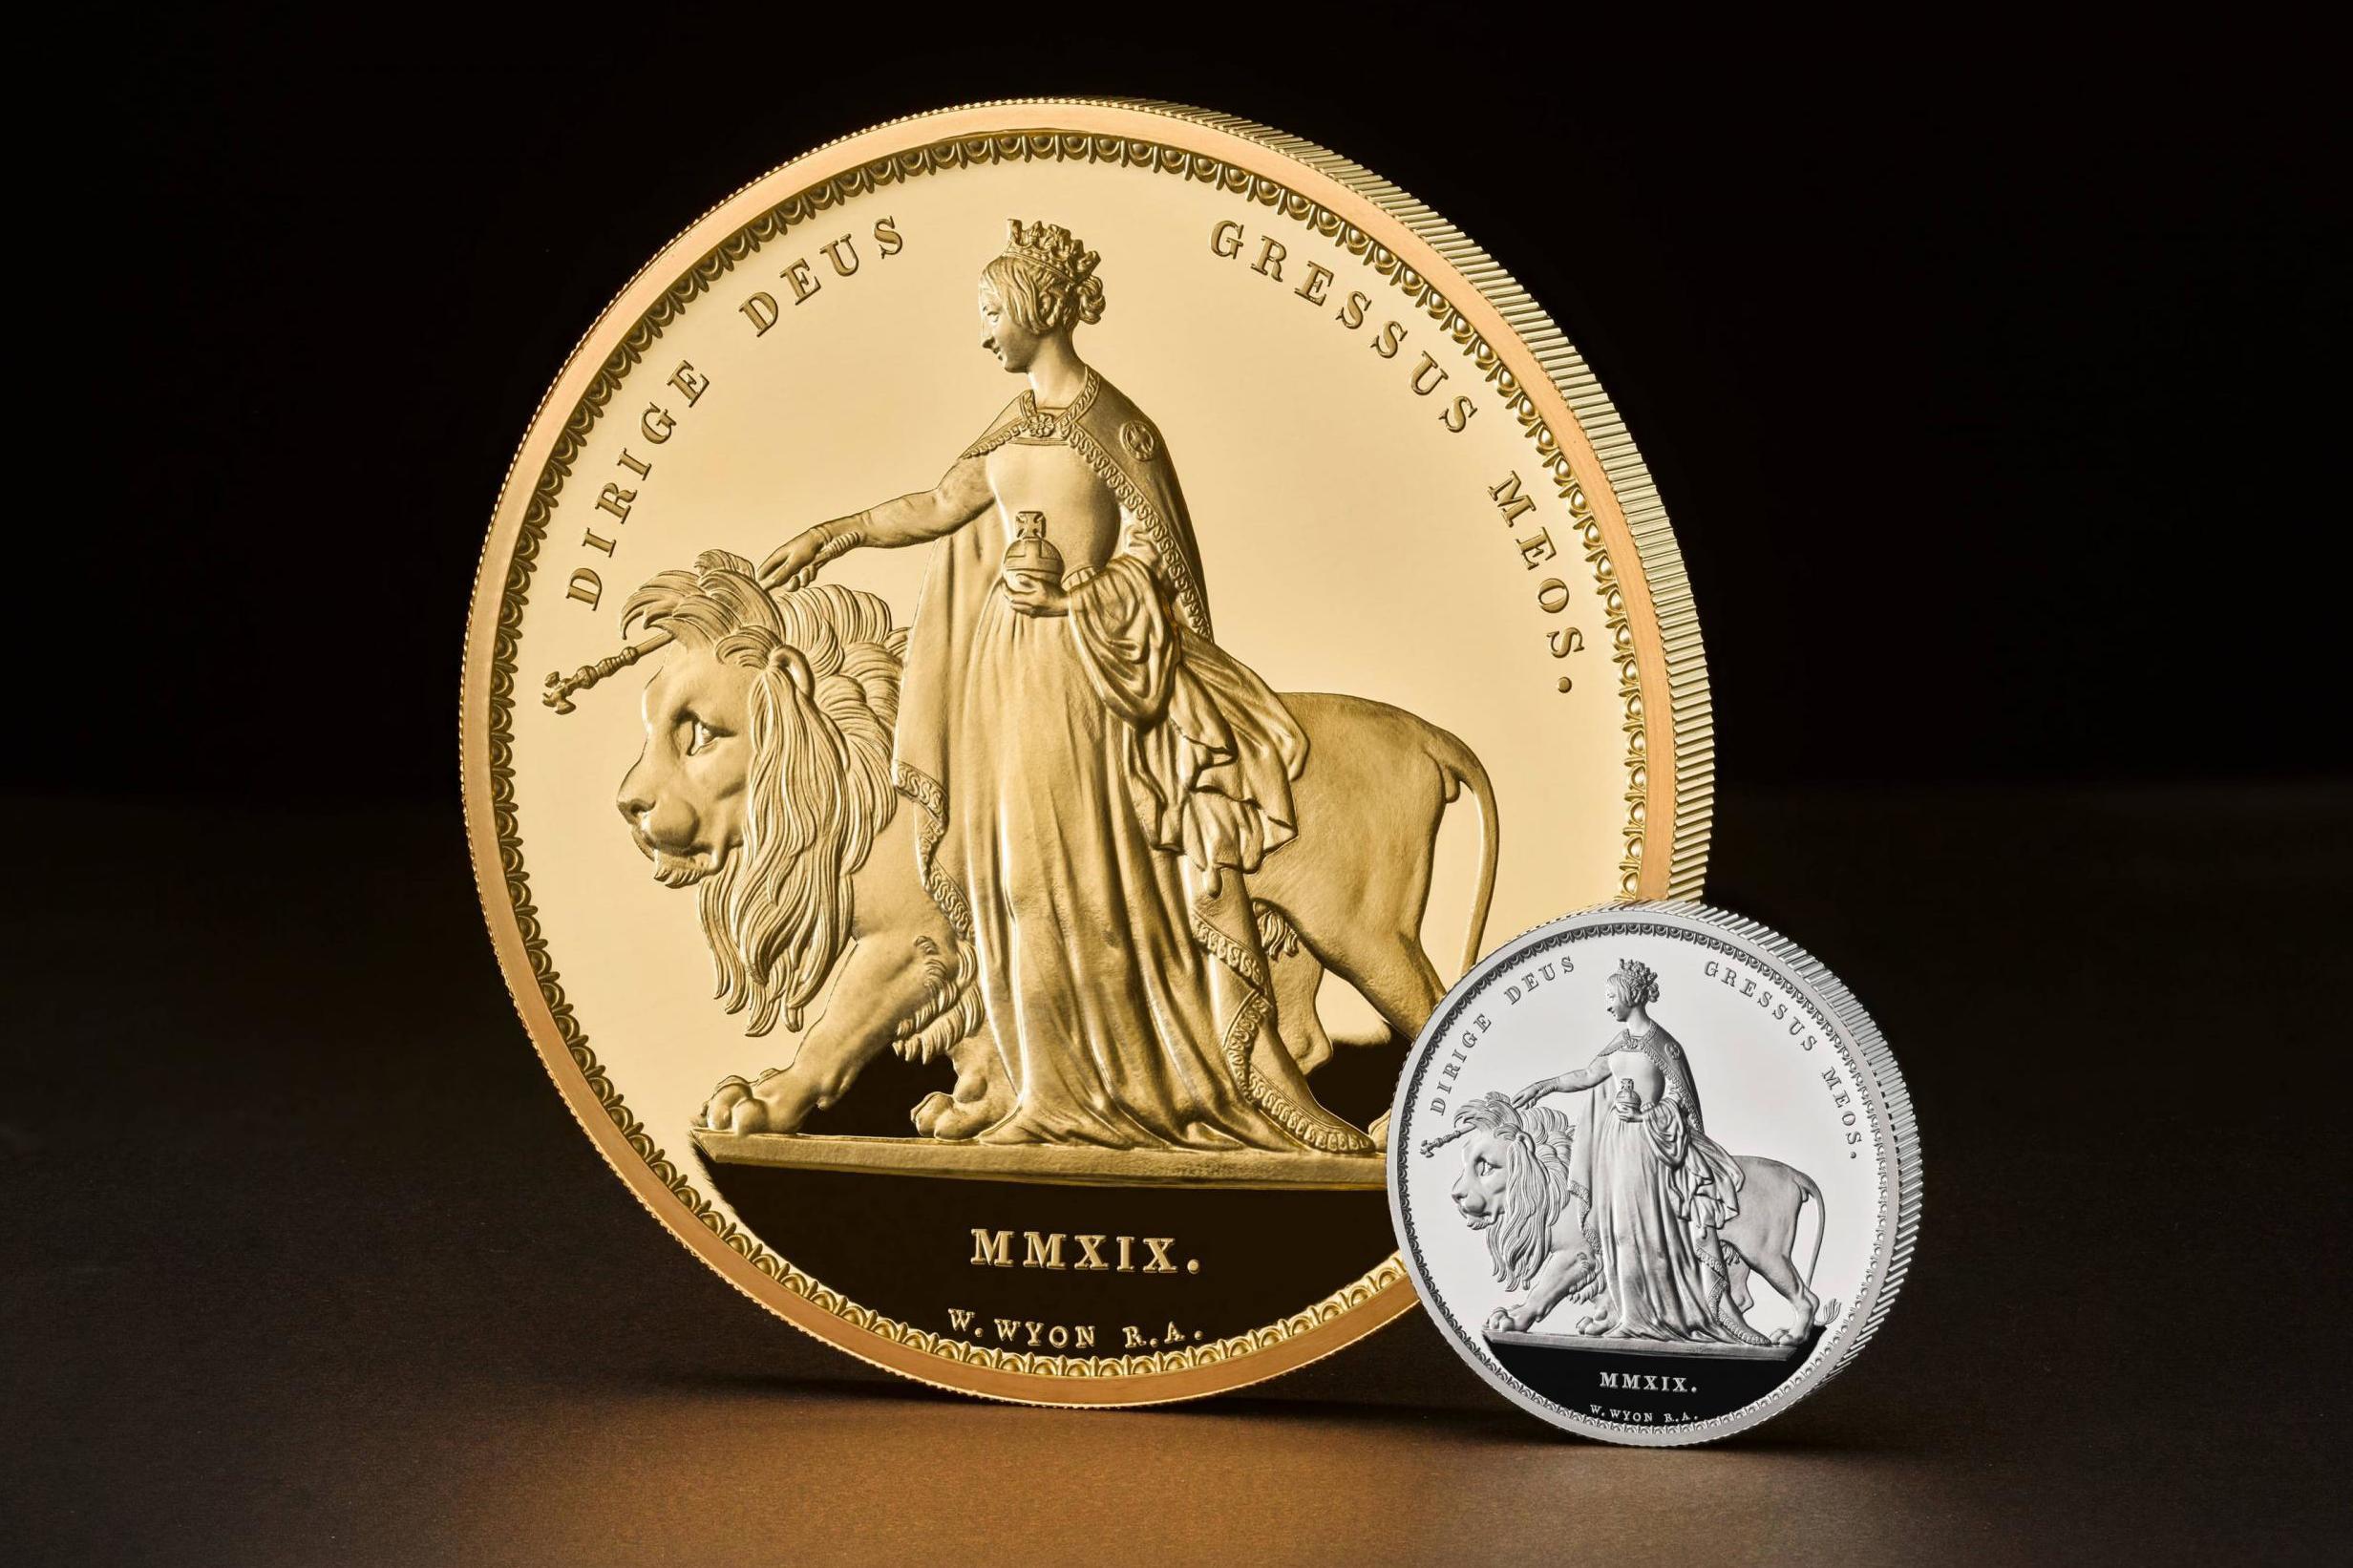 В Великобритании выпустили монету, за которую можно купить замок (фото, видео)